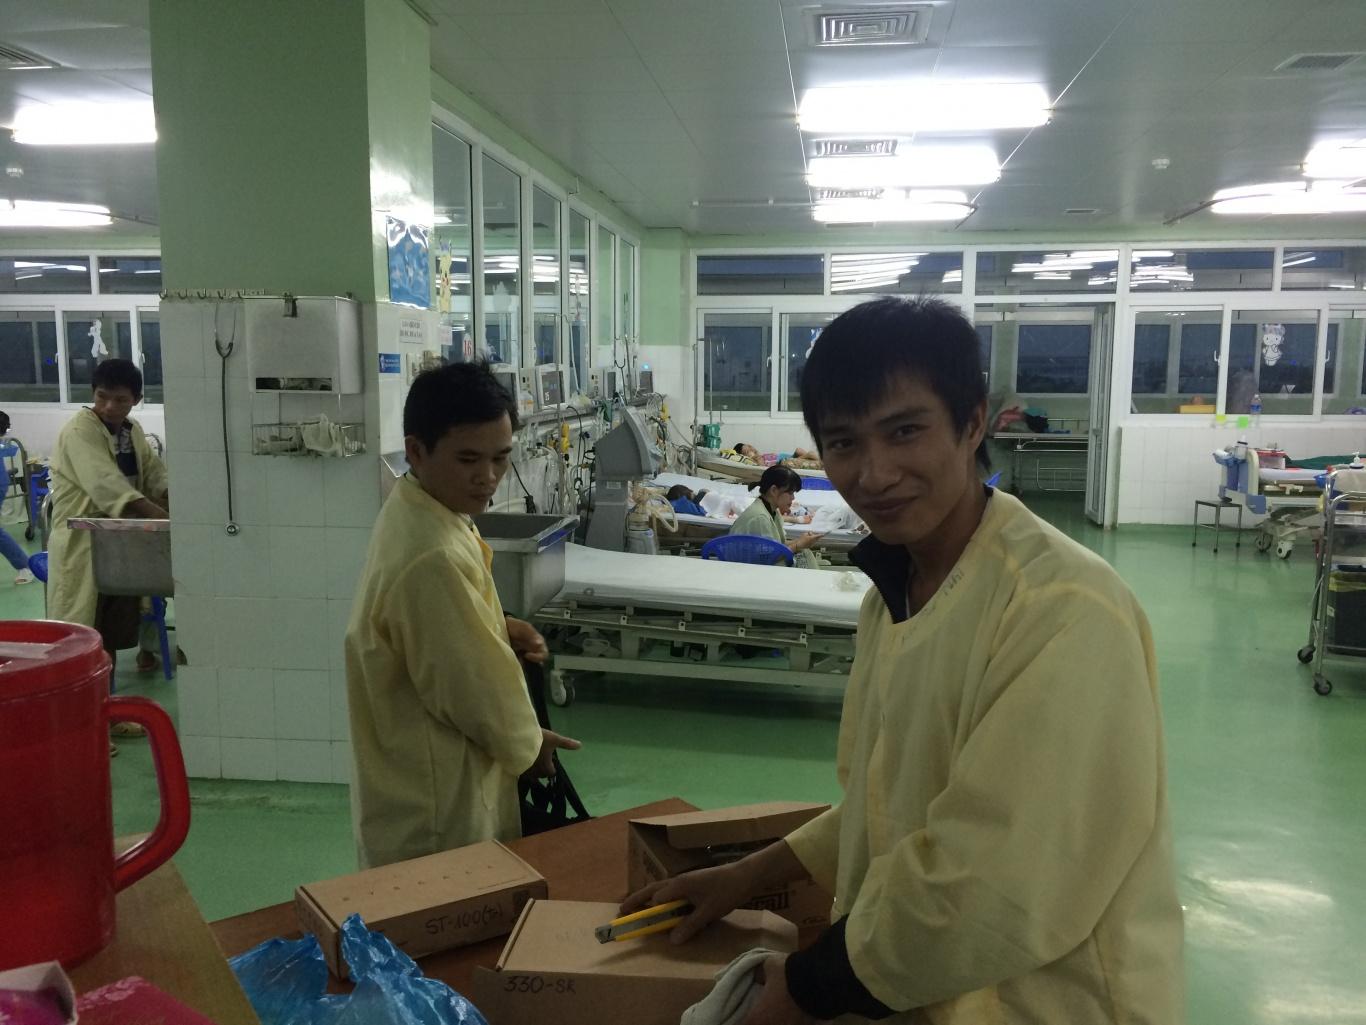 Dự án lắp đặt hệ thống chuông gọi y tá không dây tại BV phụ sản -nhi Đà Nẵng